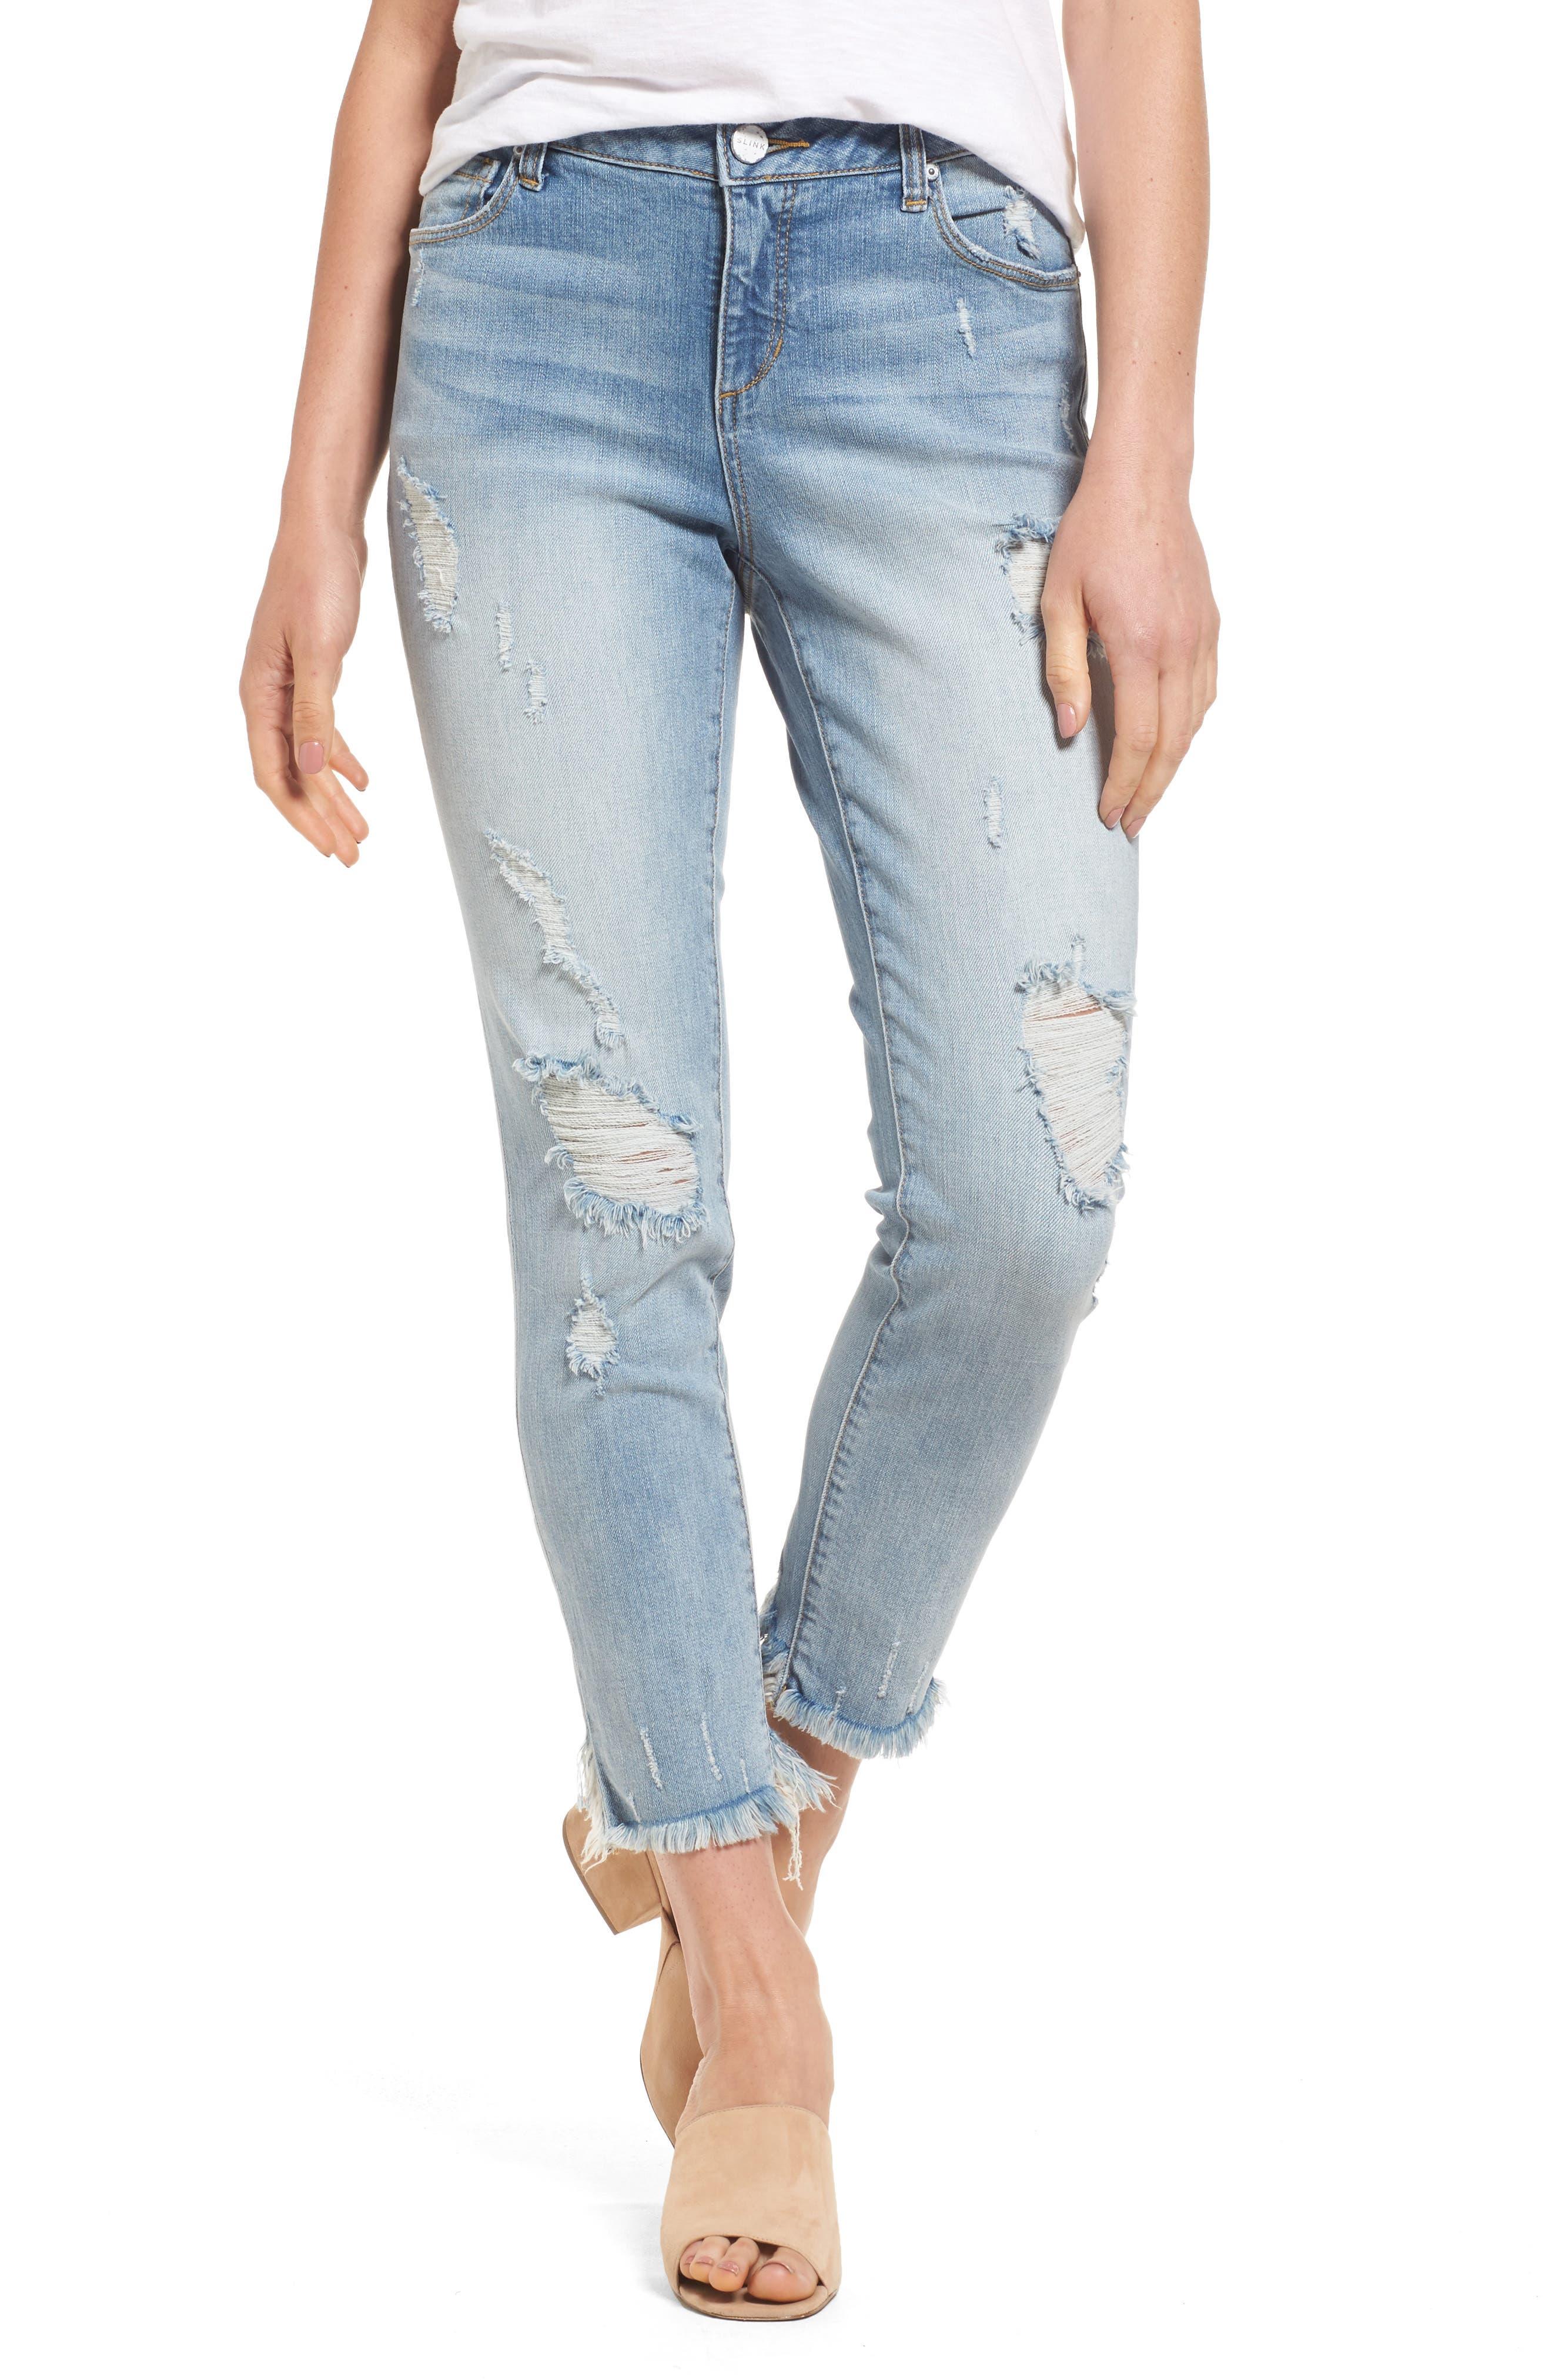 SLINK JEANS Frayed Hem Easy Fit Ankle Jeans, Main, color, MAGGIE